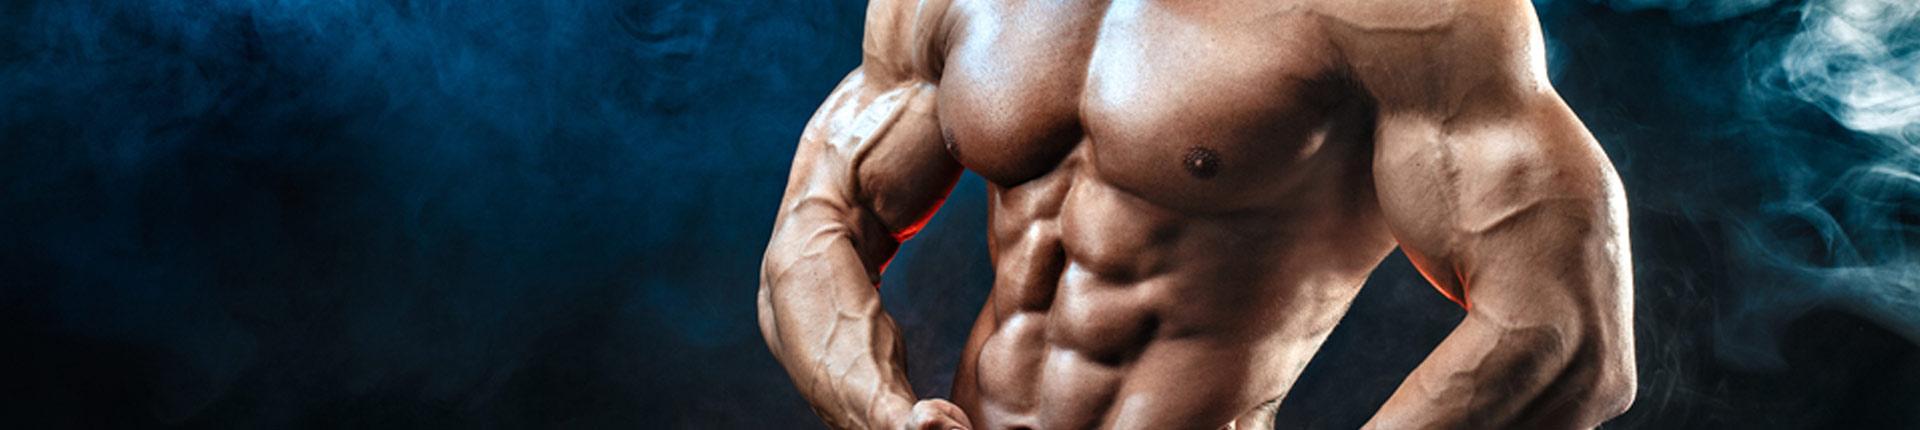 EAA: aminokwasy niezbędne dla sportowca? Czy warto brać EAA?